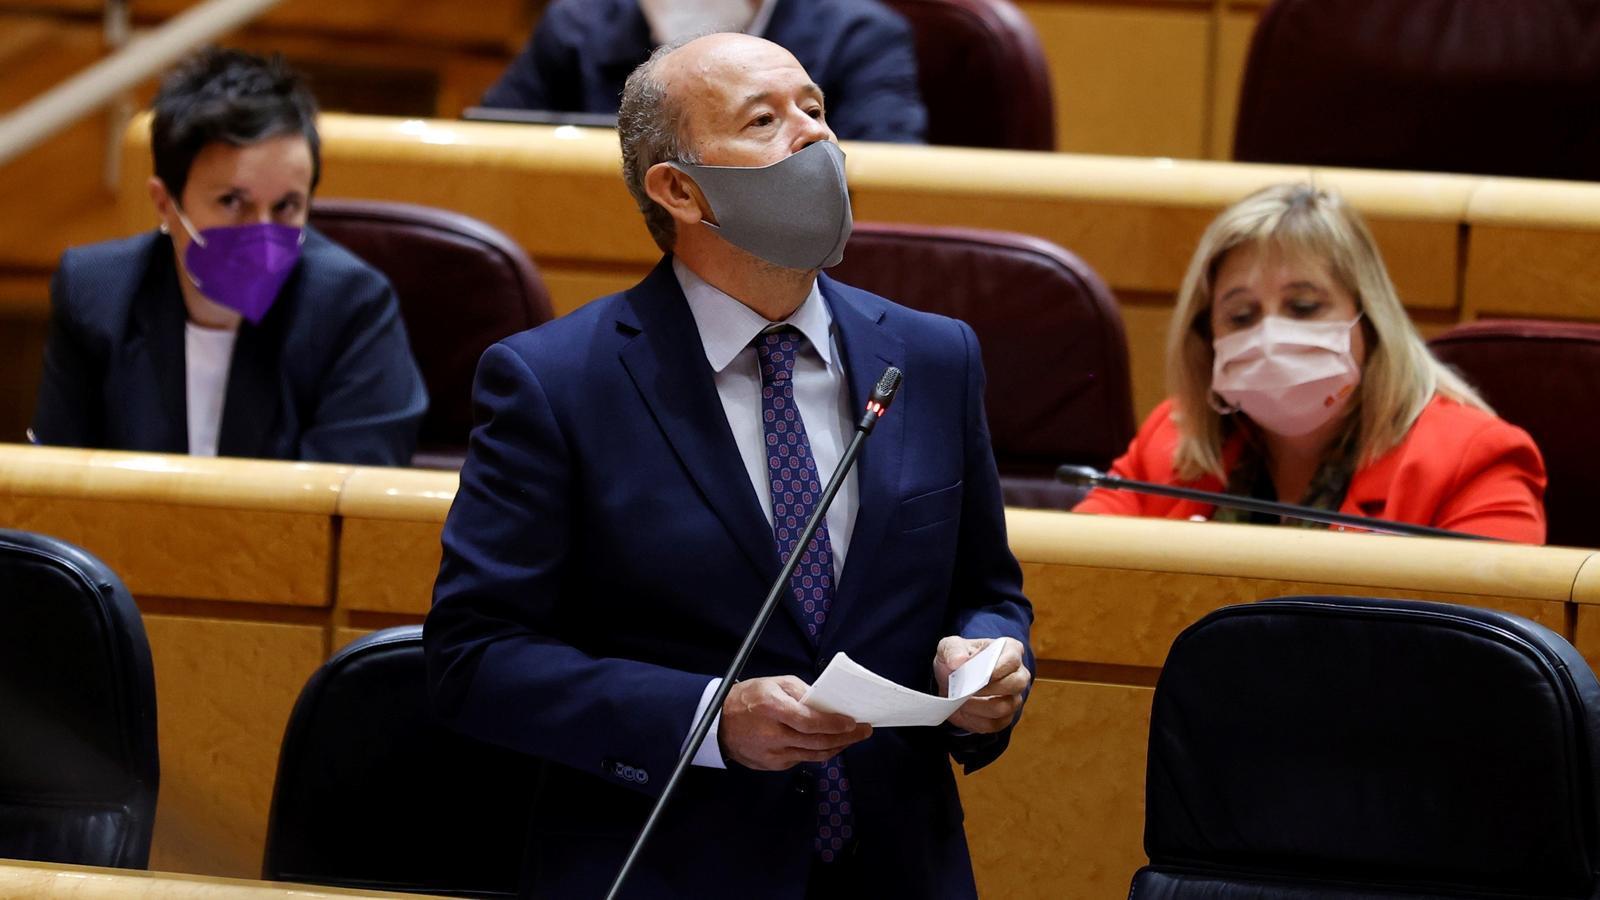 El ministre de Justícia, Juan Carlos Campo, durant la sessió de control al govern espanyol al Senat.